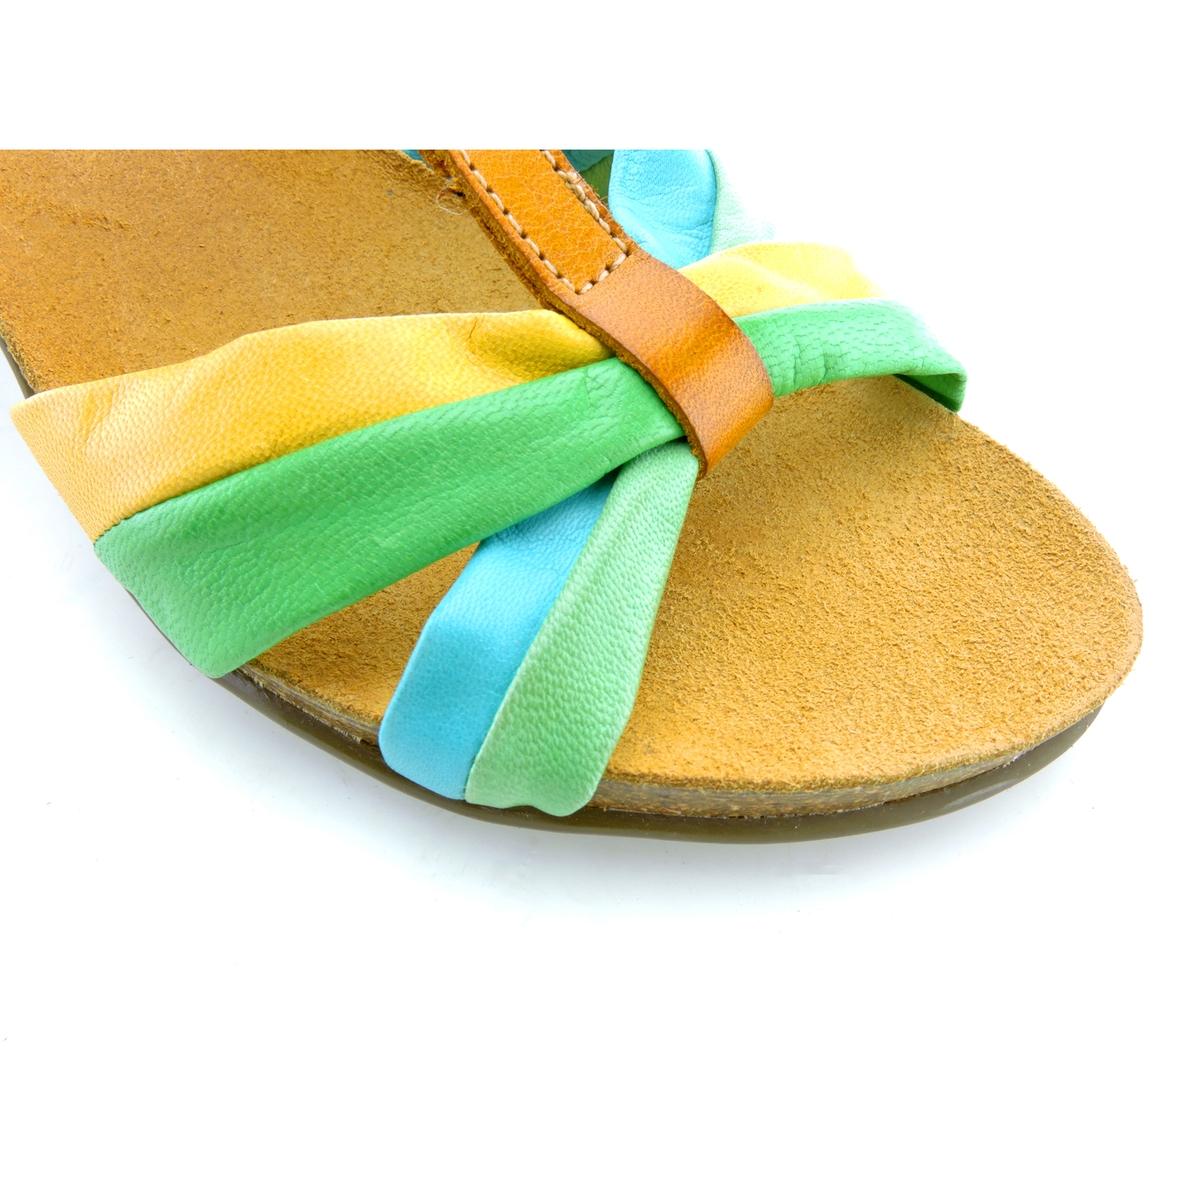 Босоножки кожаные LizВерх : кожа         Стелька : кожа         Подошва : эластомер         Высота каблука : 8 см         Форма каблука : квадратный каблук         Мысок : открытый мысок         Застежка : пряжка<br><br>Цвет: разноцветный<br>Размер: 39.38.37